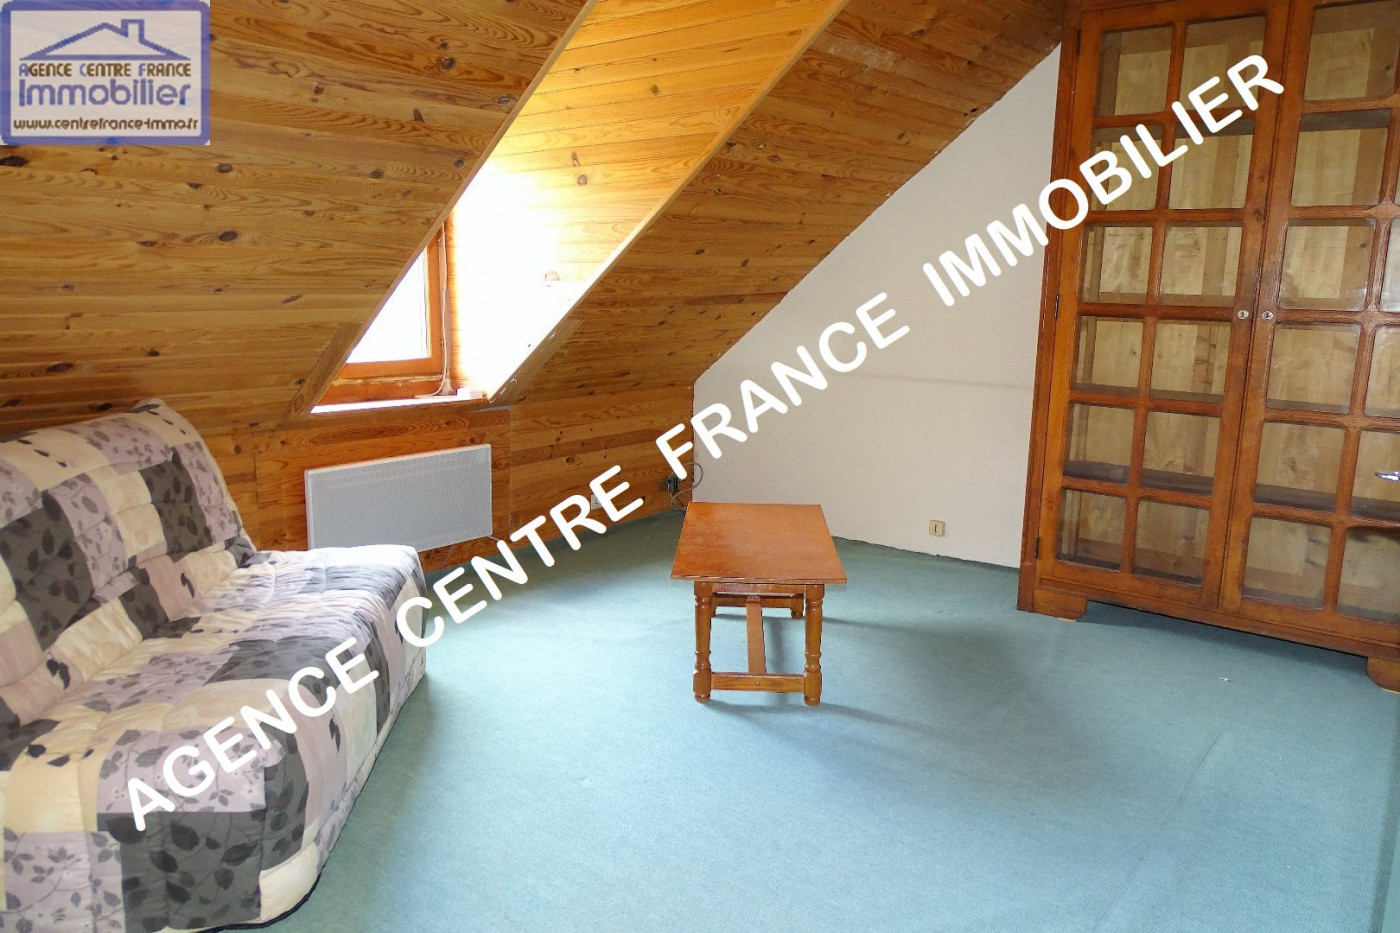 A vendre Saint Germain Du Puy 030011200 Agence centre france immobilier